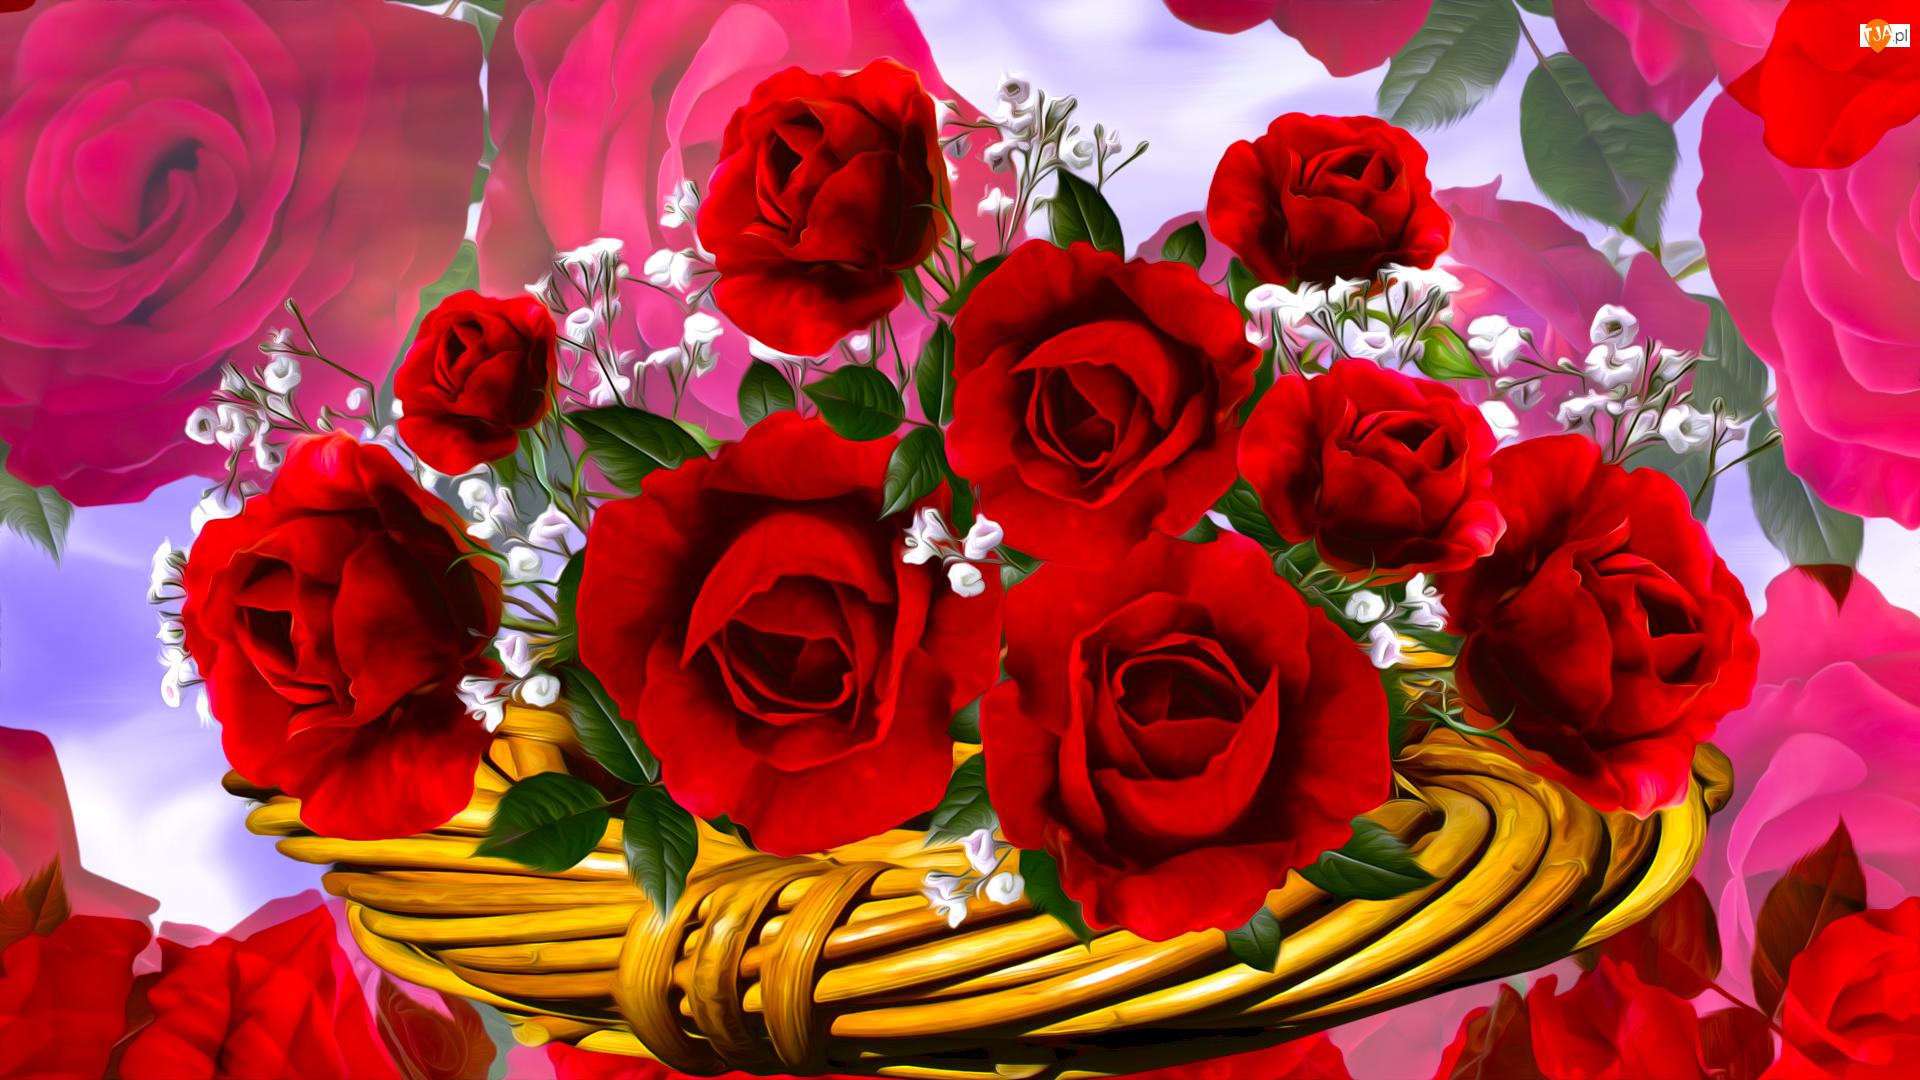 Róże, Grafika, Czerwone, Kwiaty, Koszyczek